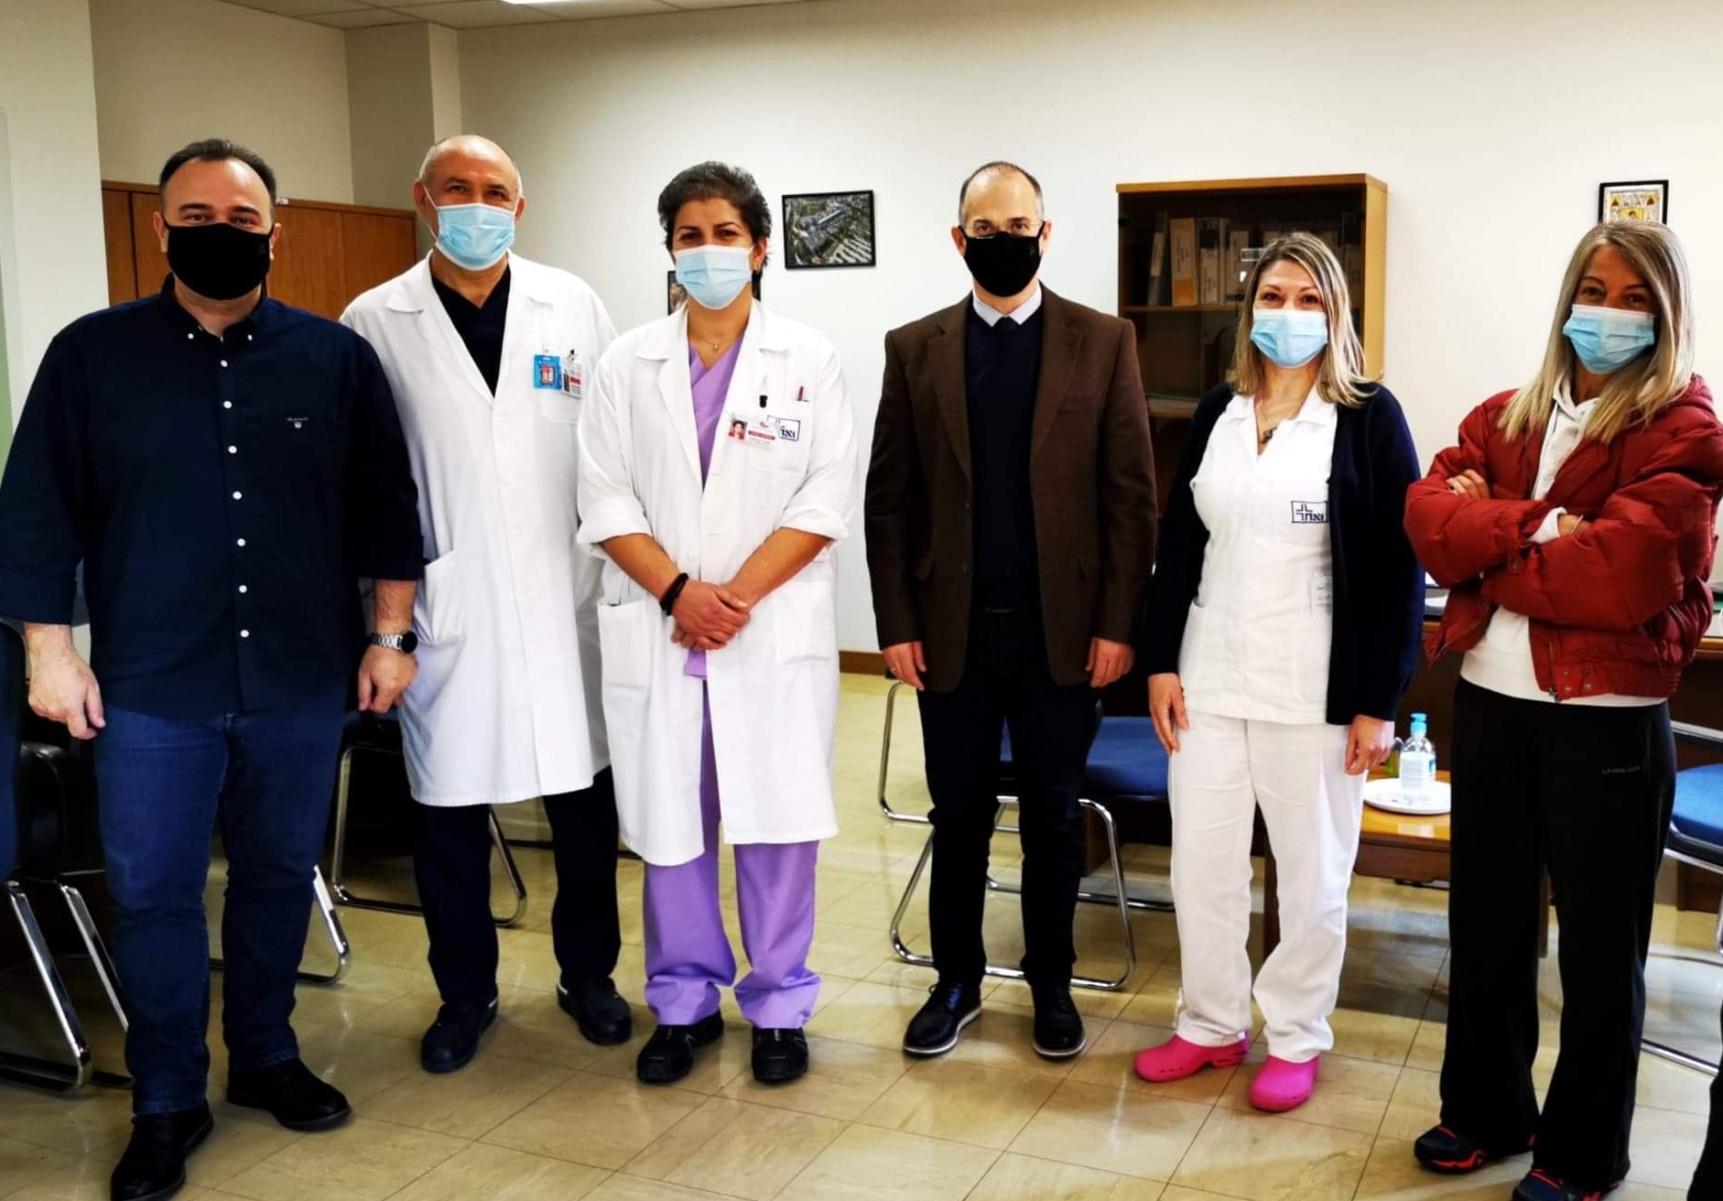 Αυτοθυσία και θαυμασμός! Νοσηλεύτριες από τα Γιάννενα πάνε κι αυτές Θεσσαλονίκη για να βοηθήσουν